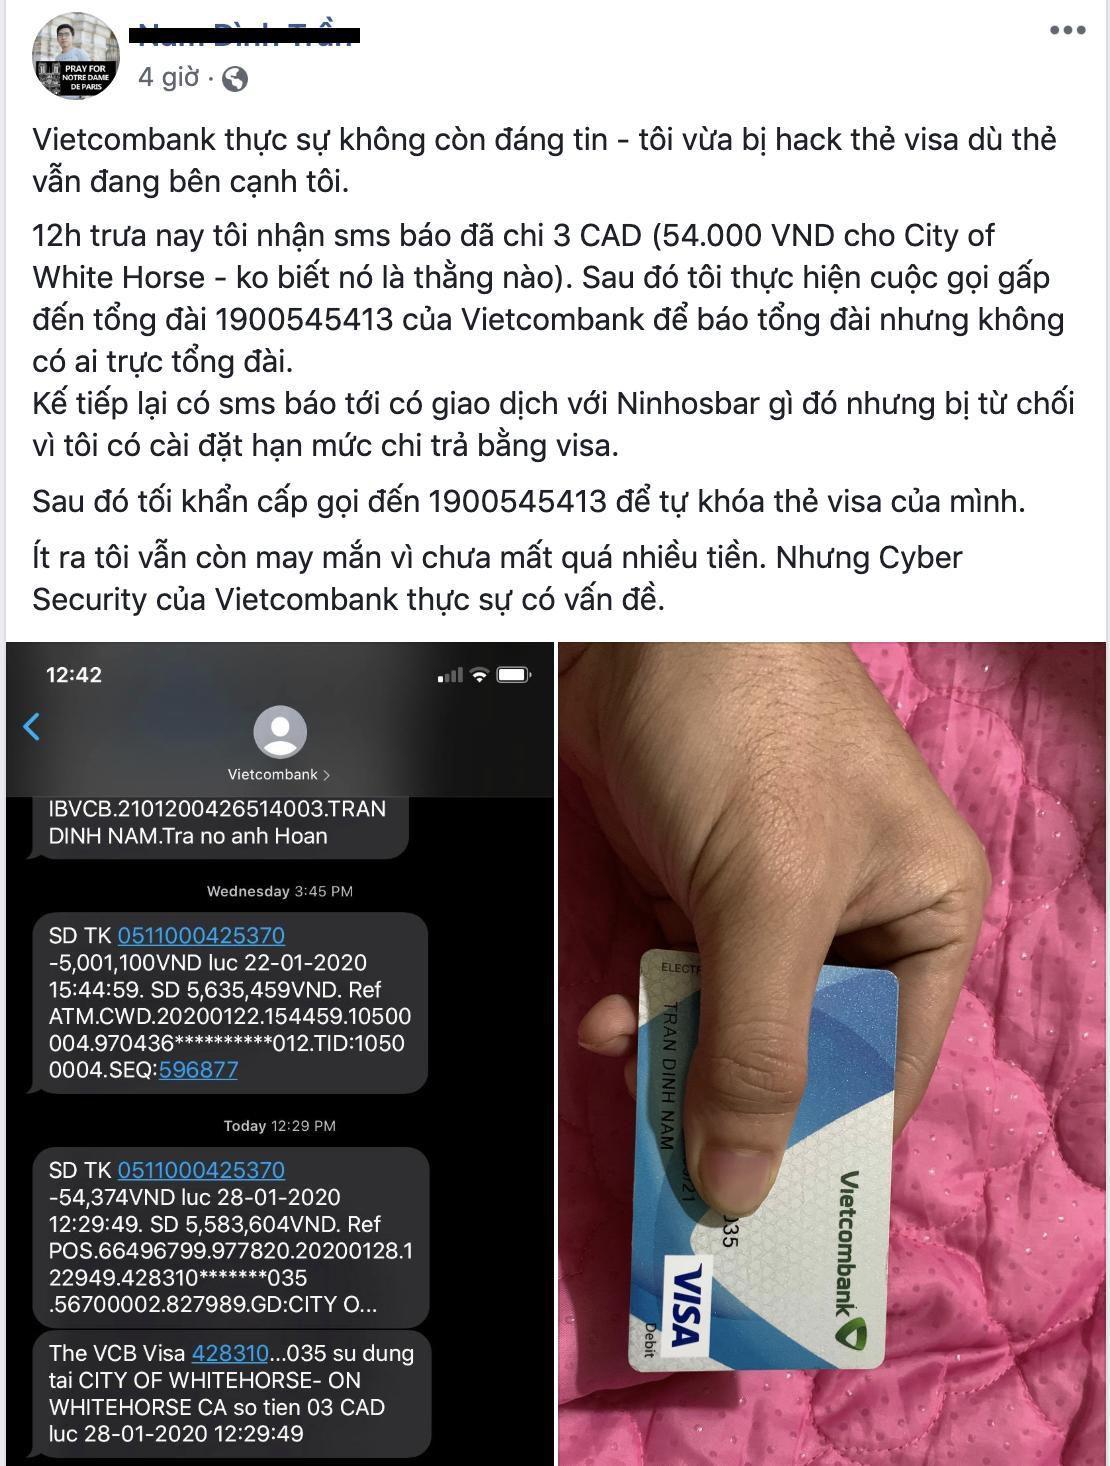 Nhiều khách hàng tố Vietcombank dính lỗi bảo mật hàng loạt Ảnh 3